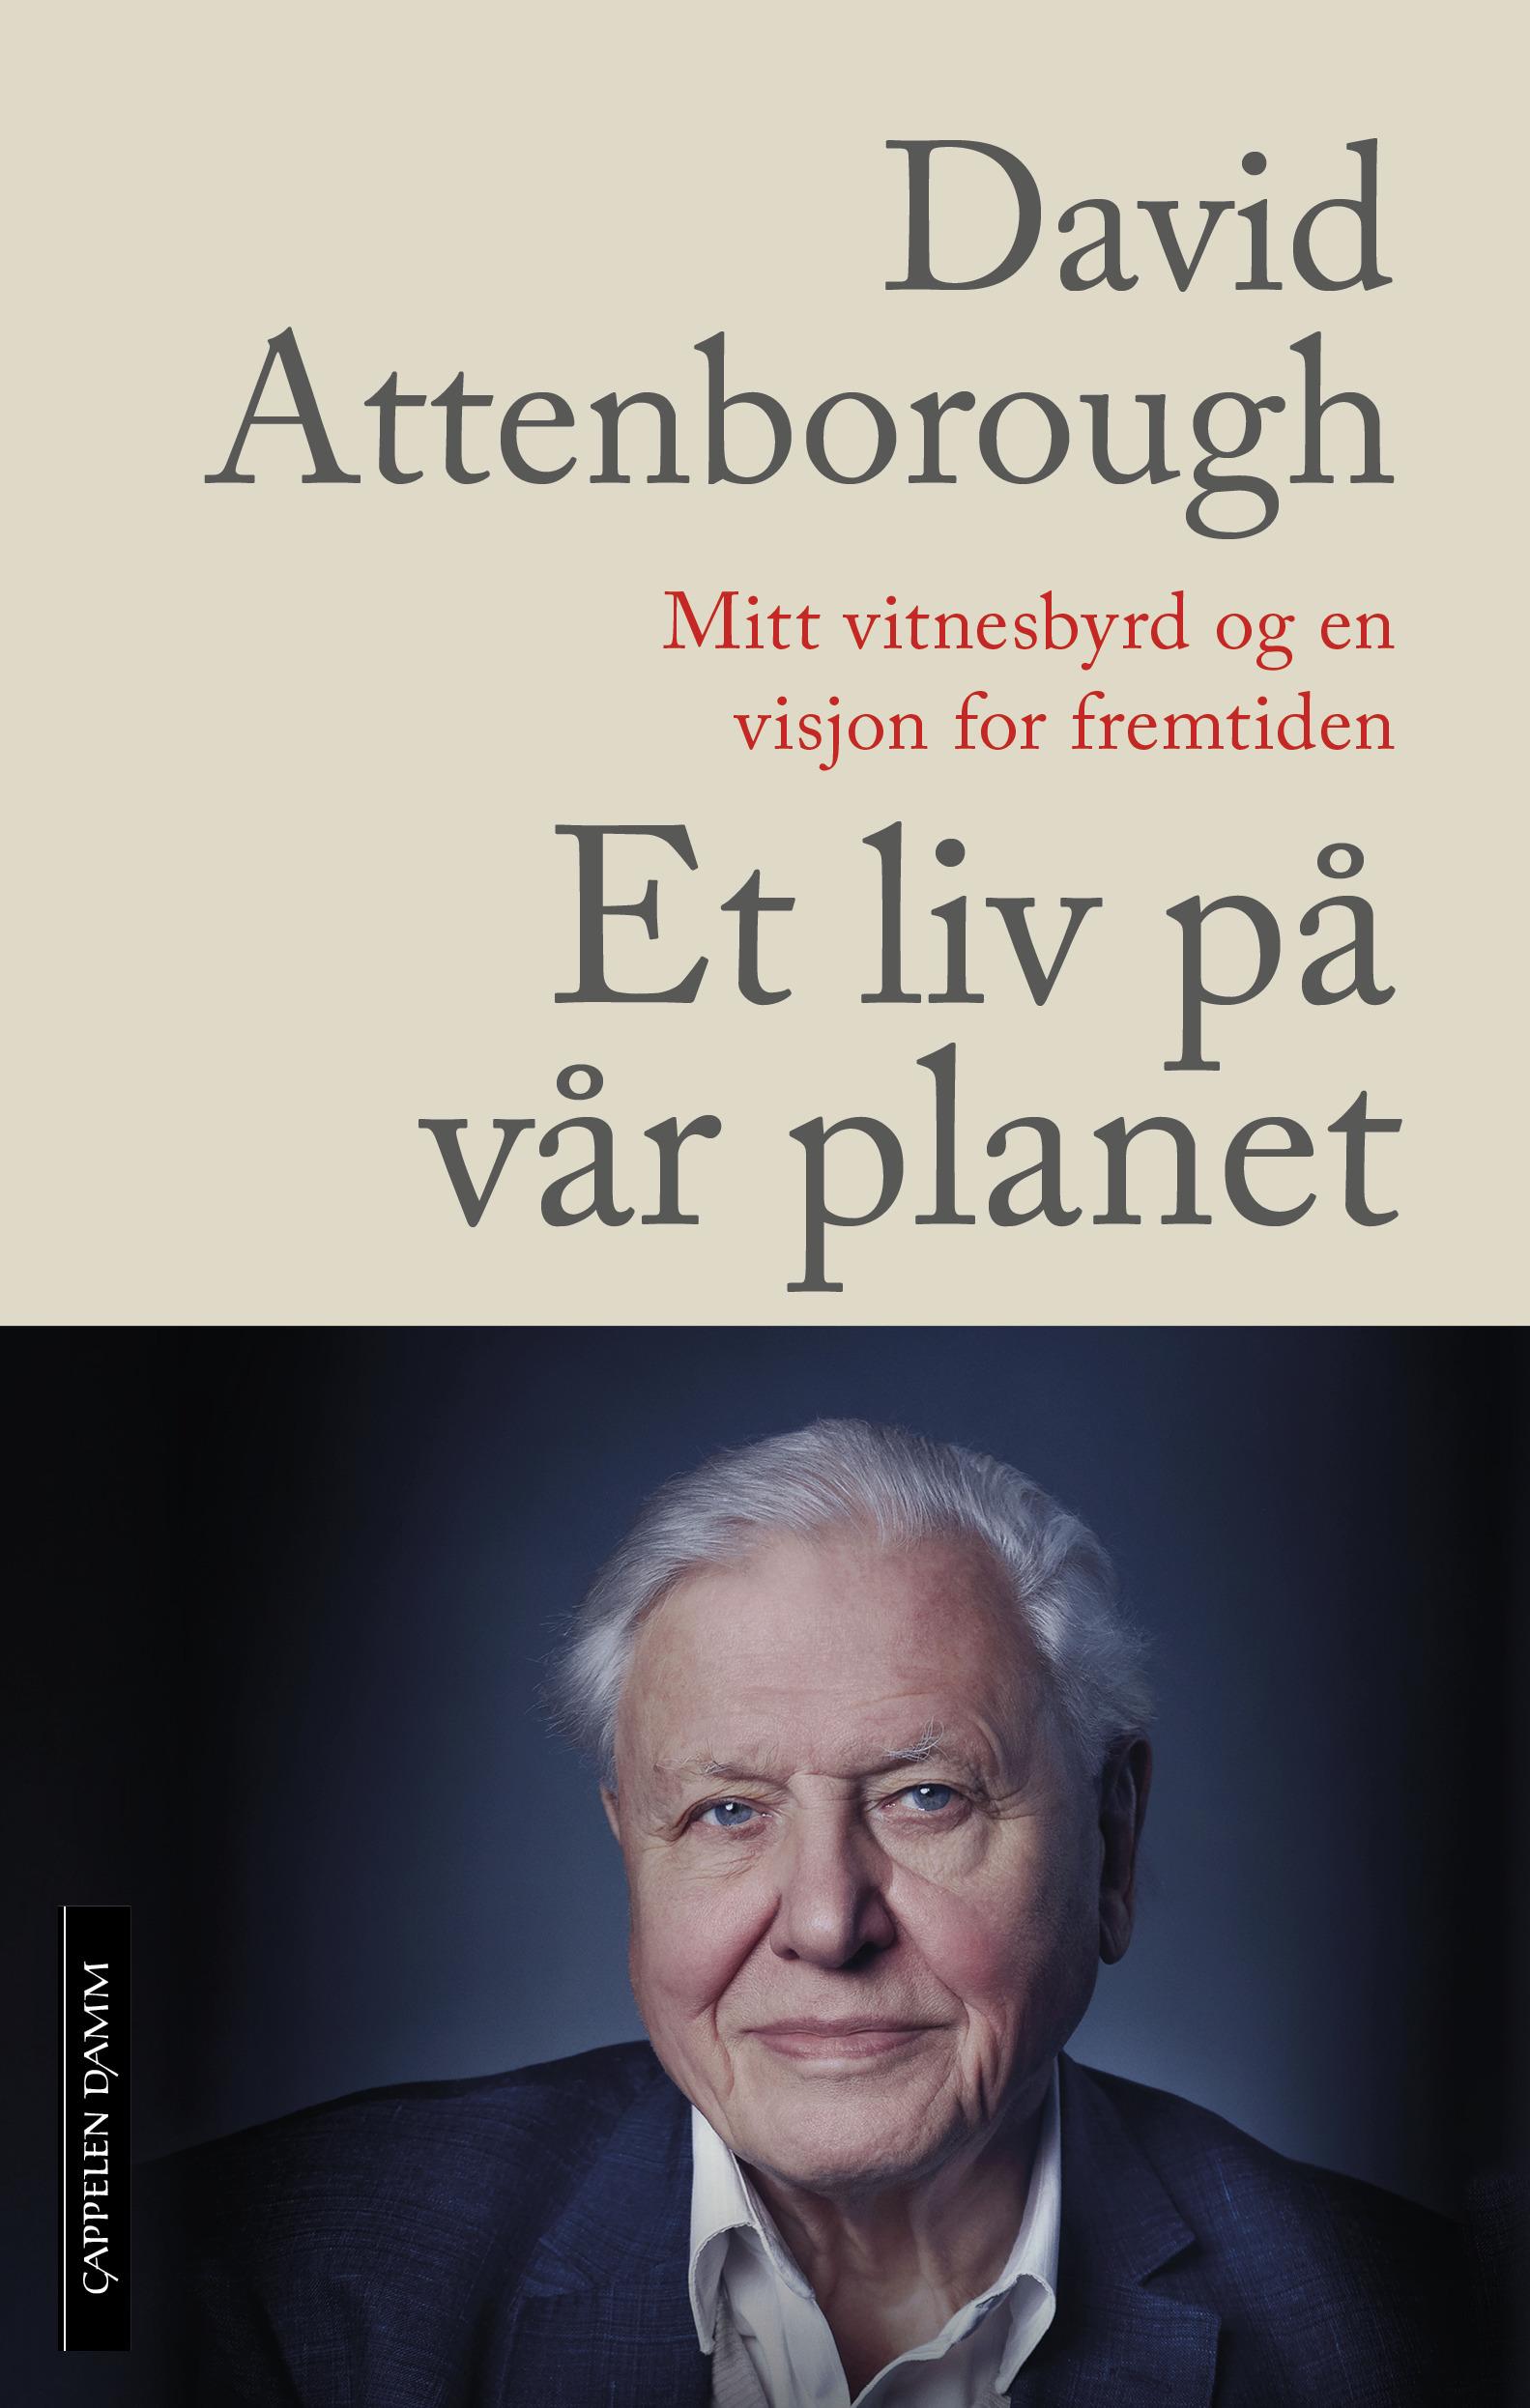 """""""Et liv på vår planet - mitt vitnesbyrd og en visjon for fremtiden"""" av David Attenborough"""